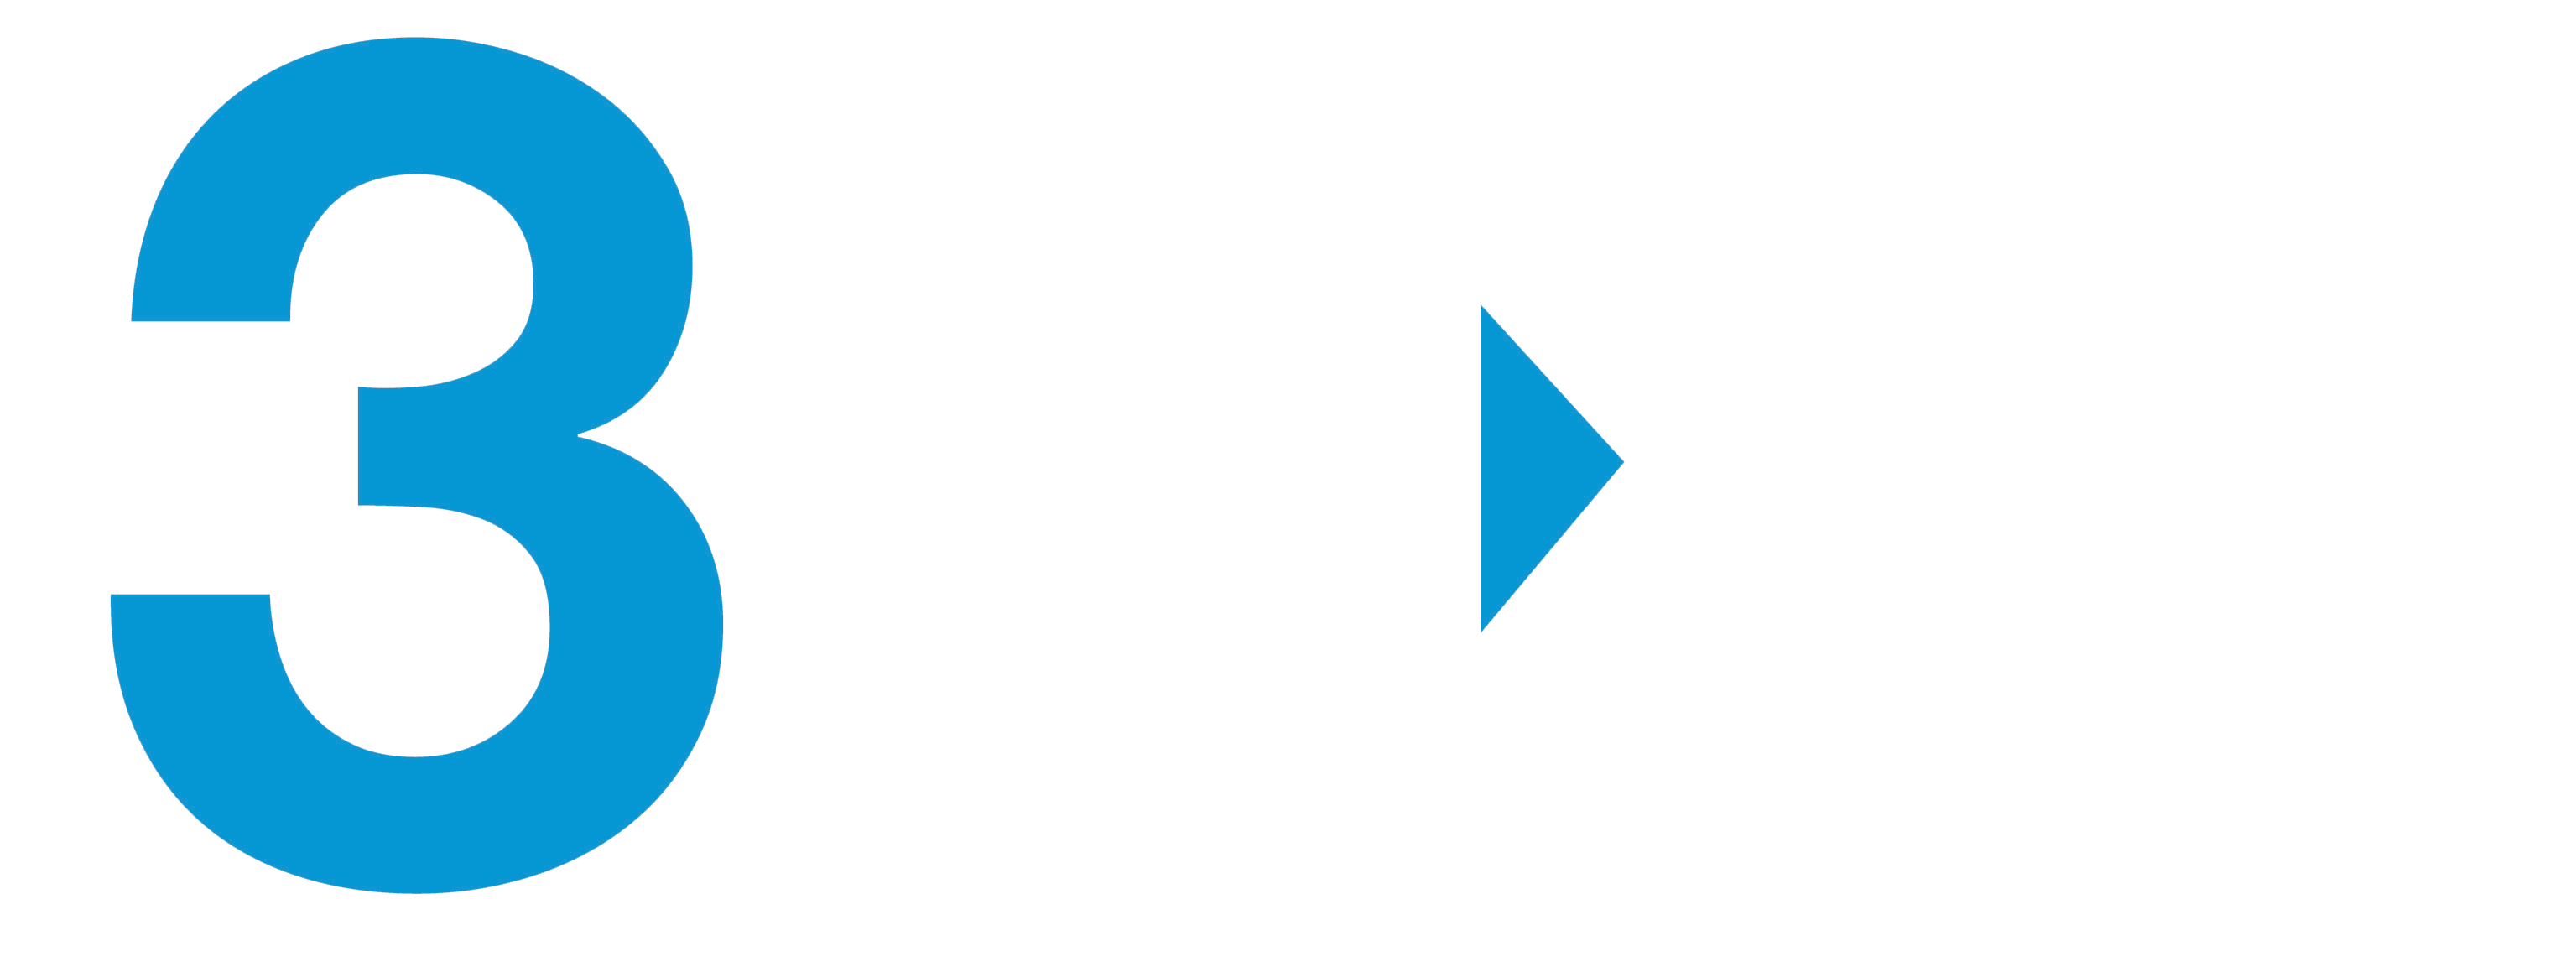 3CX IP PBX 한국 파트너 – 컴네트워크 주식회사